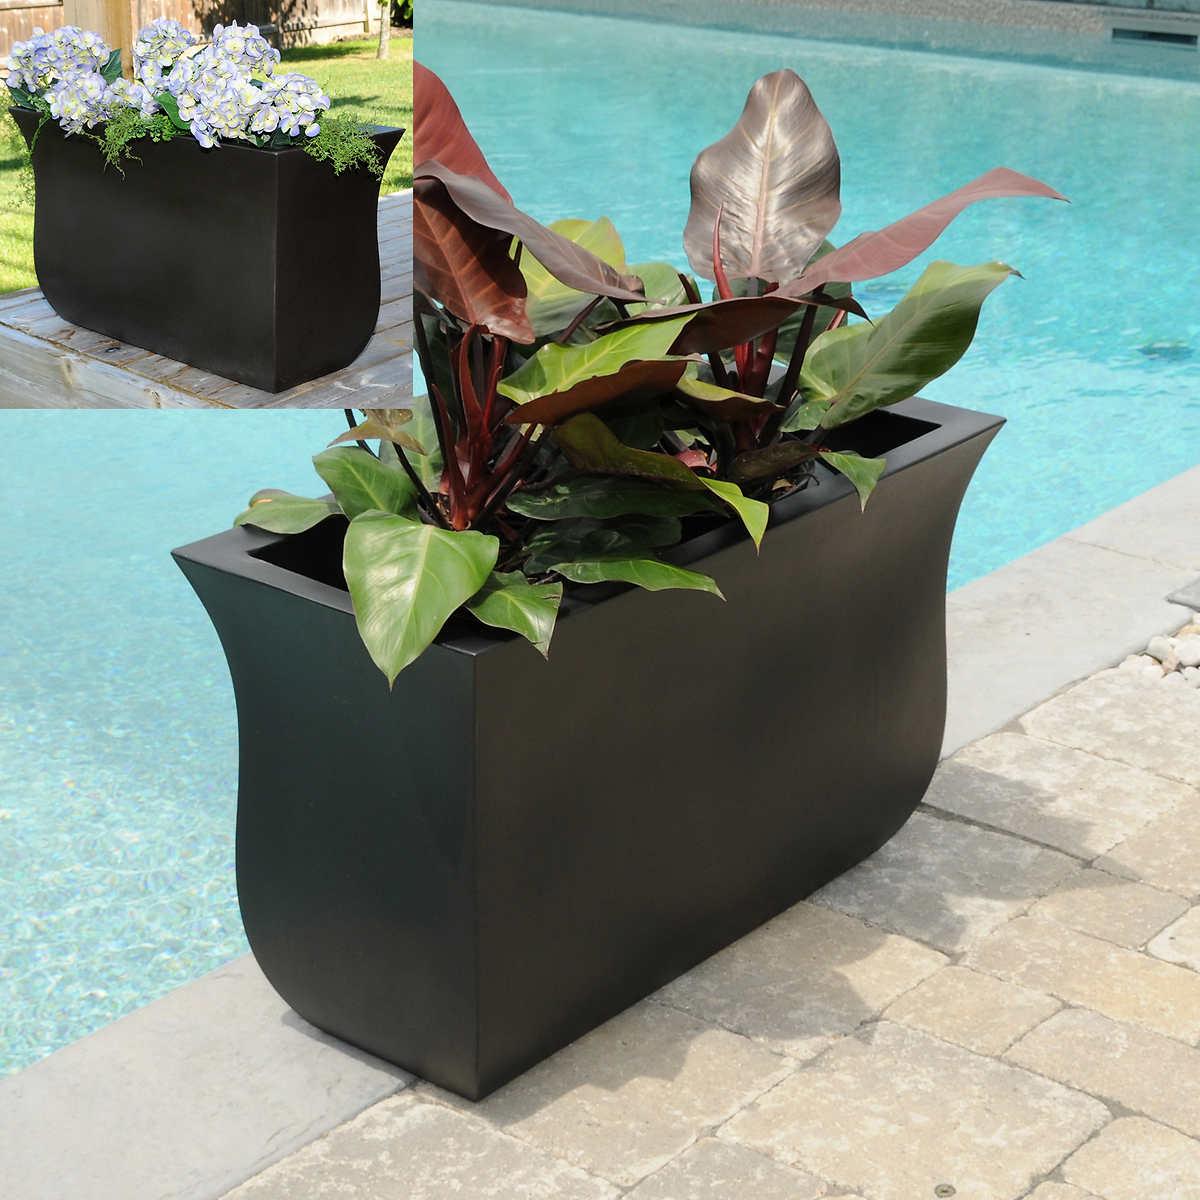 Flower vase kijiji - Valencia Long Planter